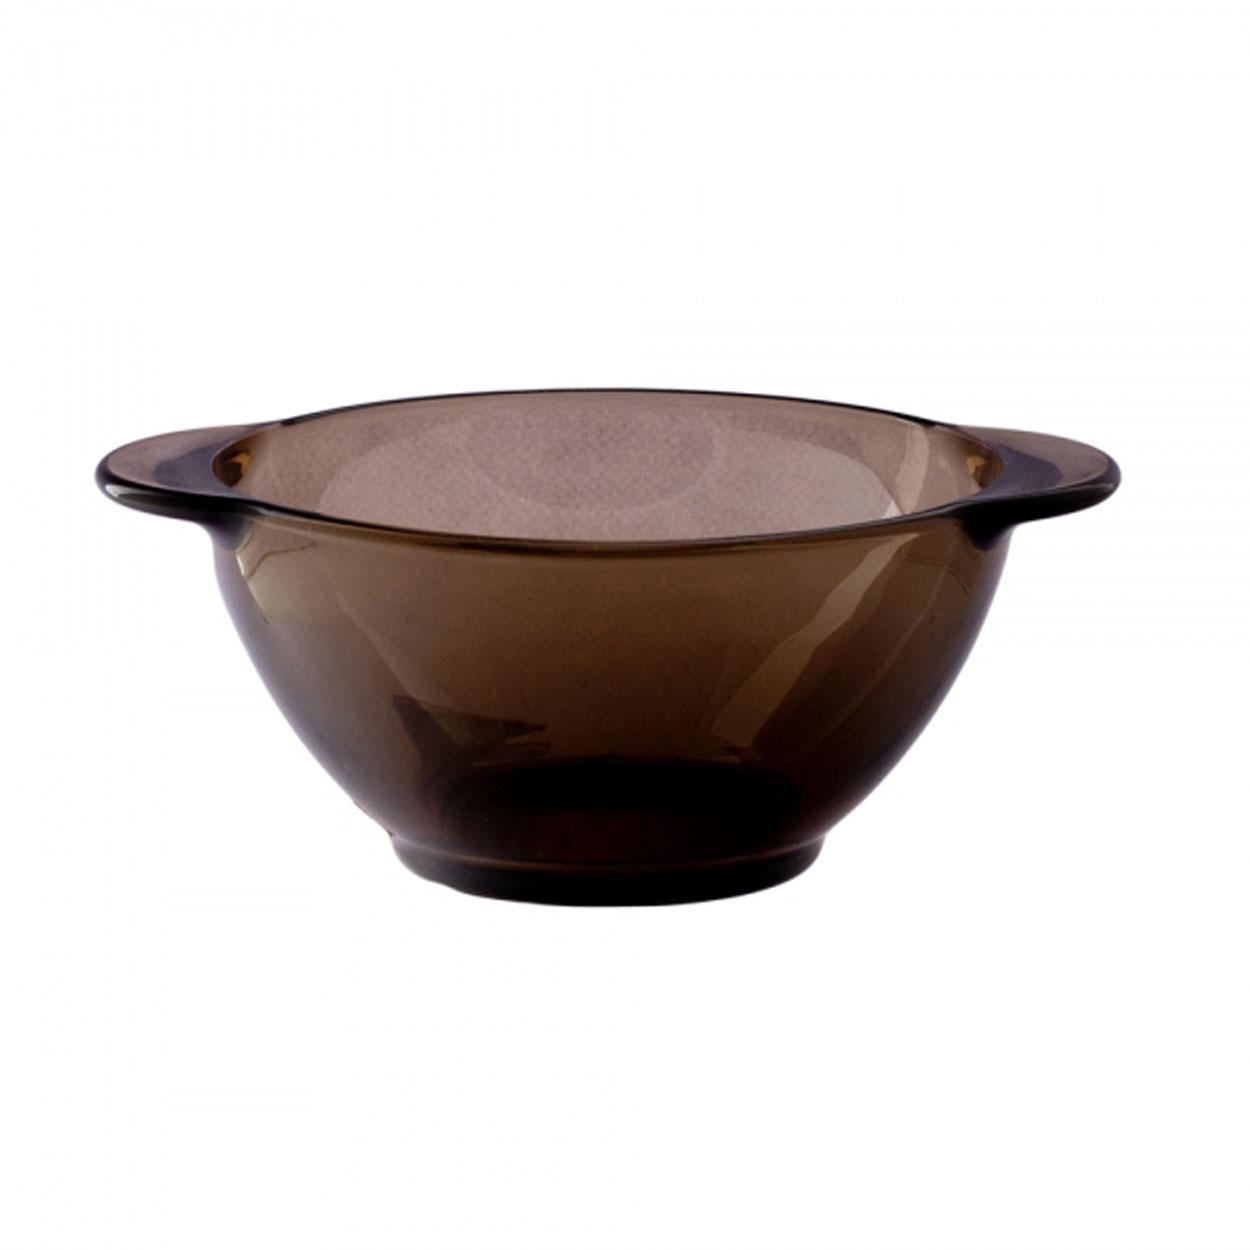 Бульонница Luminarc, 250 мл. H8504H8504Бульонница Luminarc станет изюминкой вашего стола. Необычный коричнево-дымчатый цвет придает ей особой оригинальности и неповторимости.Можно мыть в посудомоечной машине и использовать в СВЧ.Объем бульонницы: 250 мл.